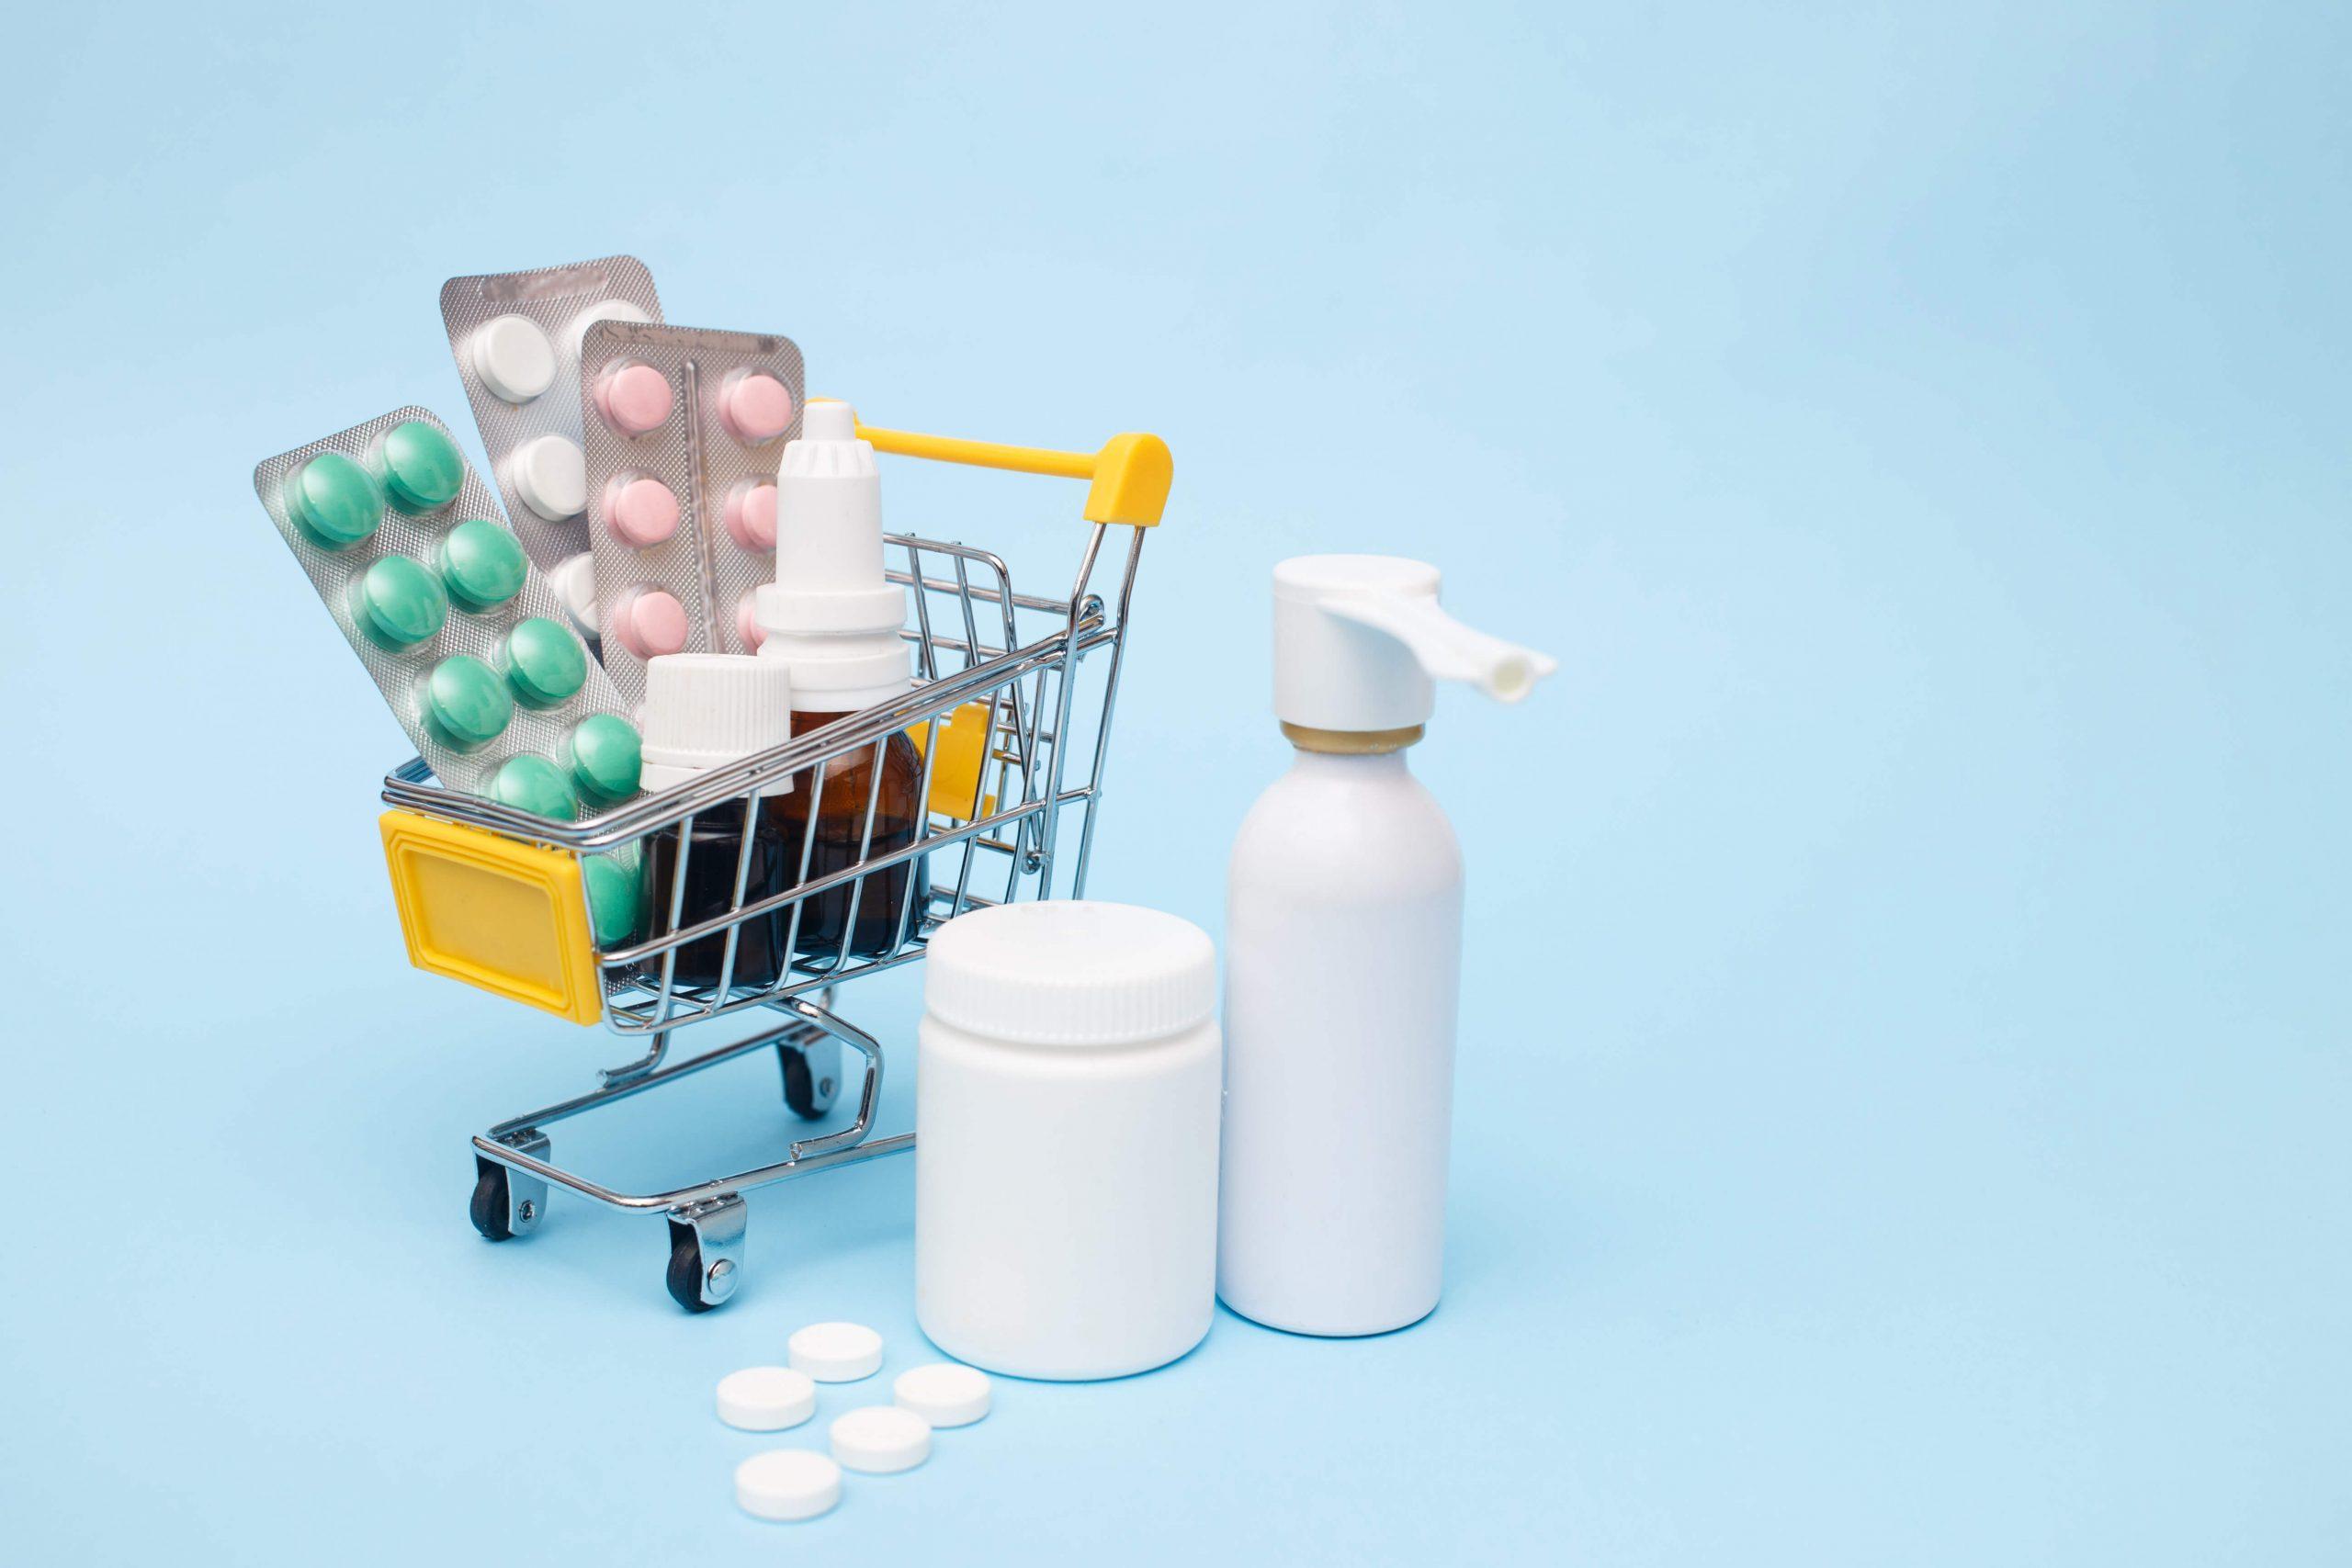 farmacia de venta online